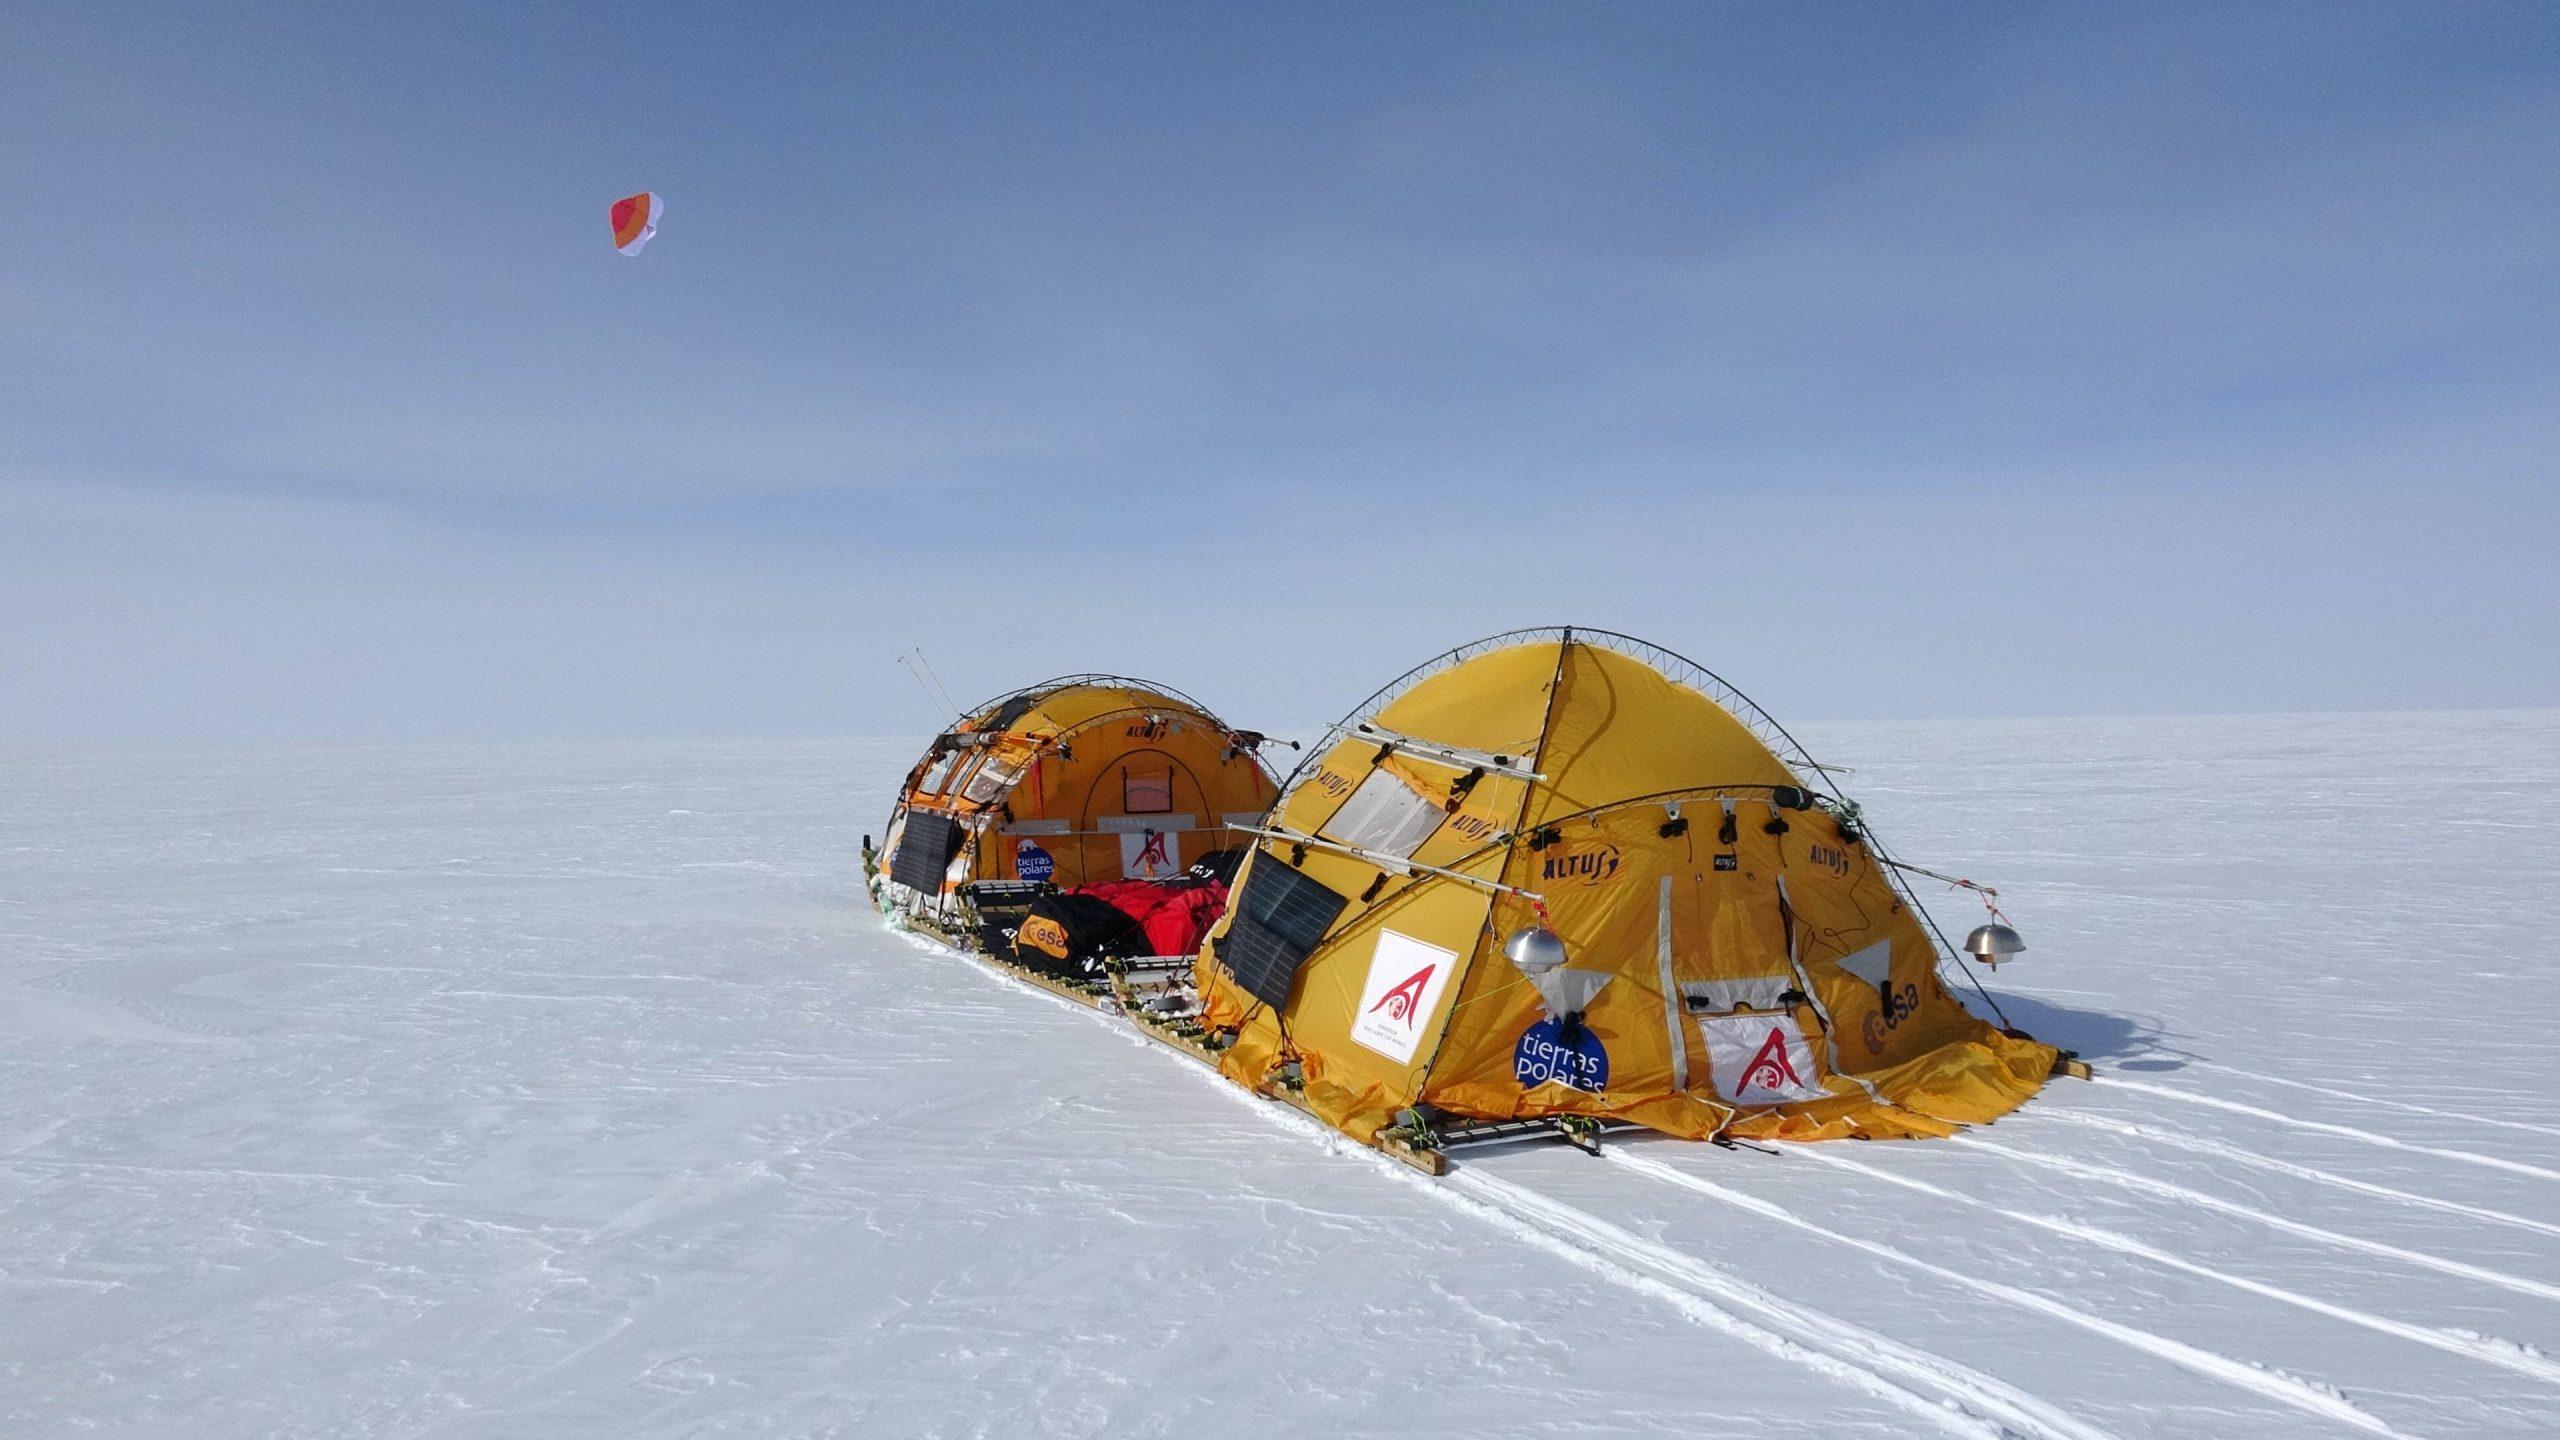 Abb. 17 Moderne Polarvagabunden reisen samt Sack und Pack auf Segelschlitten tausende Kilometer über das Eis. Foto: Ramón Larramendi 2018